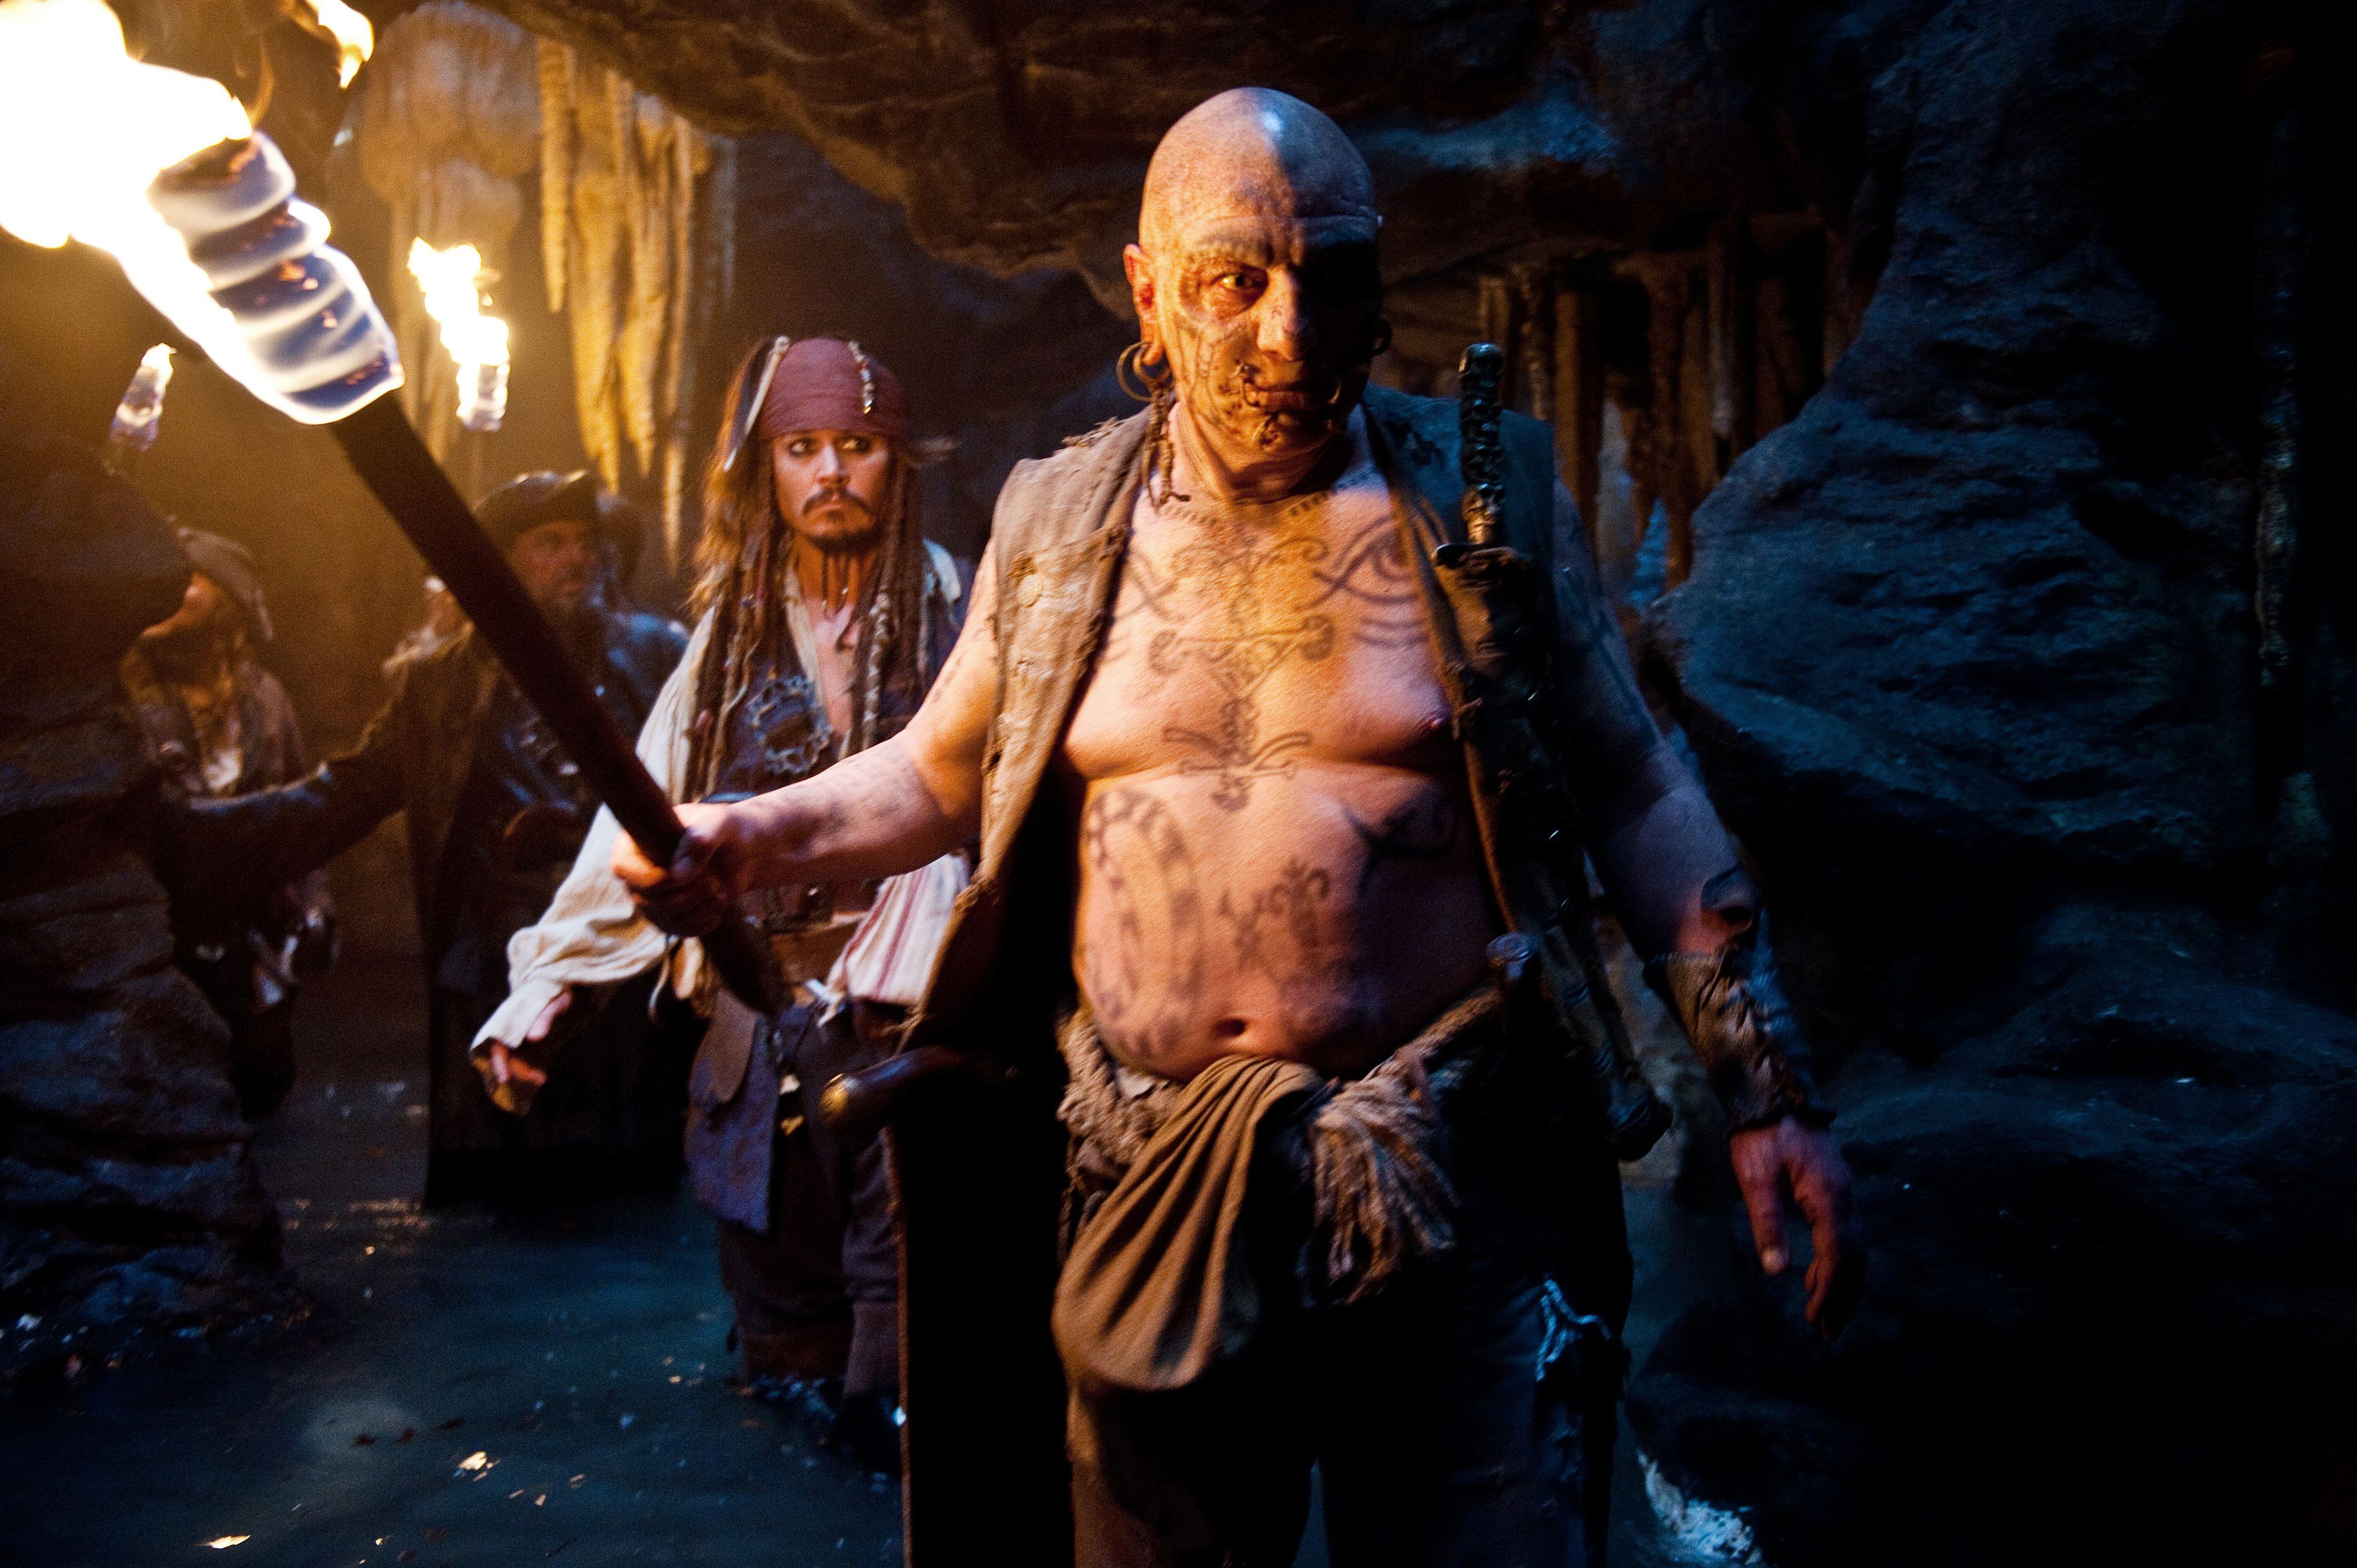 кадры из фильма Пираты Карибского моря: На странных берегах Стивен Грэм, Иэн МакШейн, Джонни Депп, Иэн Мерсер,